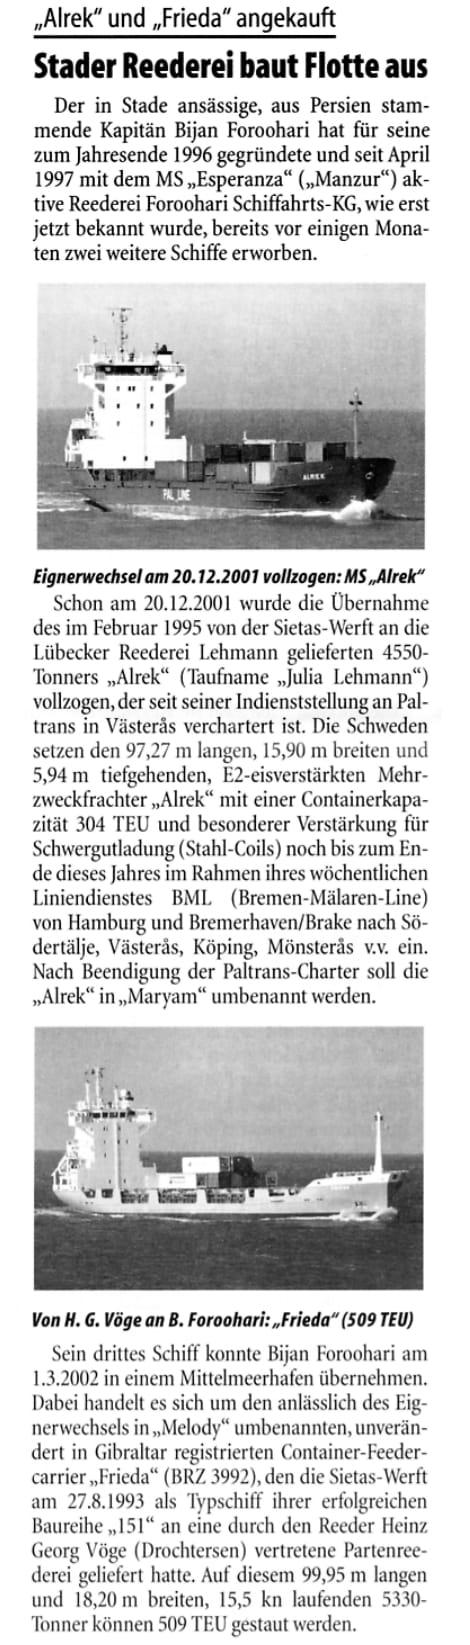 THB Deutsche Schifffahrtszeitung 21.08.2002